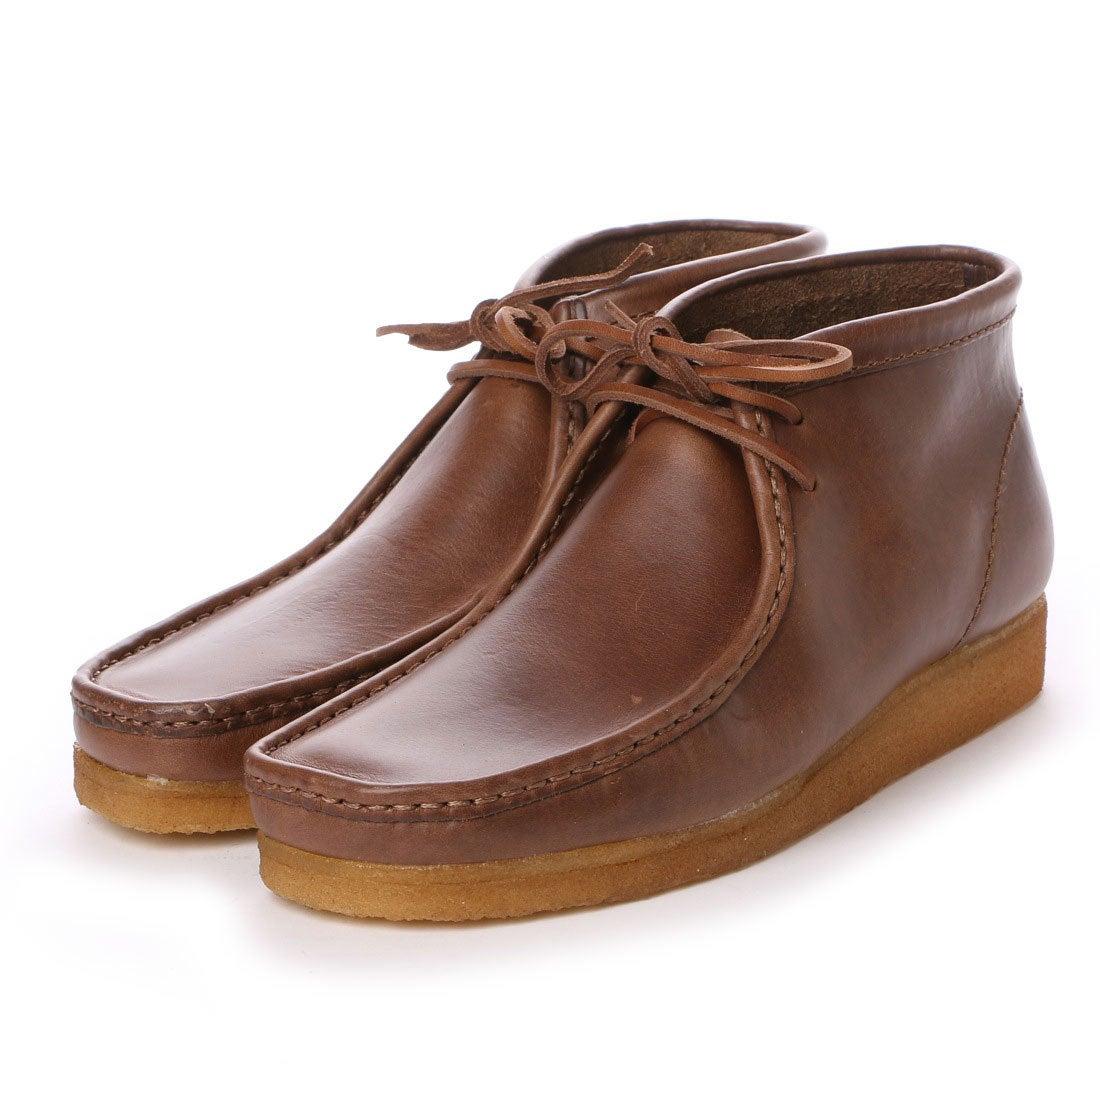 【SALE 30%OFF】クラークス Clarks Wallabee Boot / メンズ ワラビーブーツ (ベージュ) メンズ